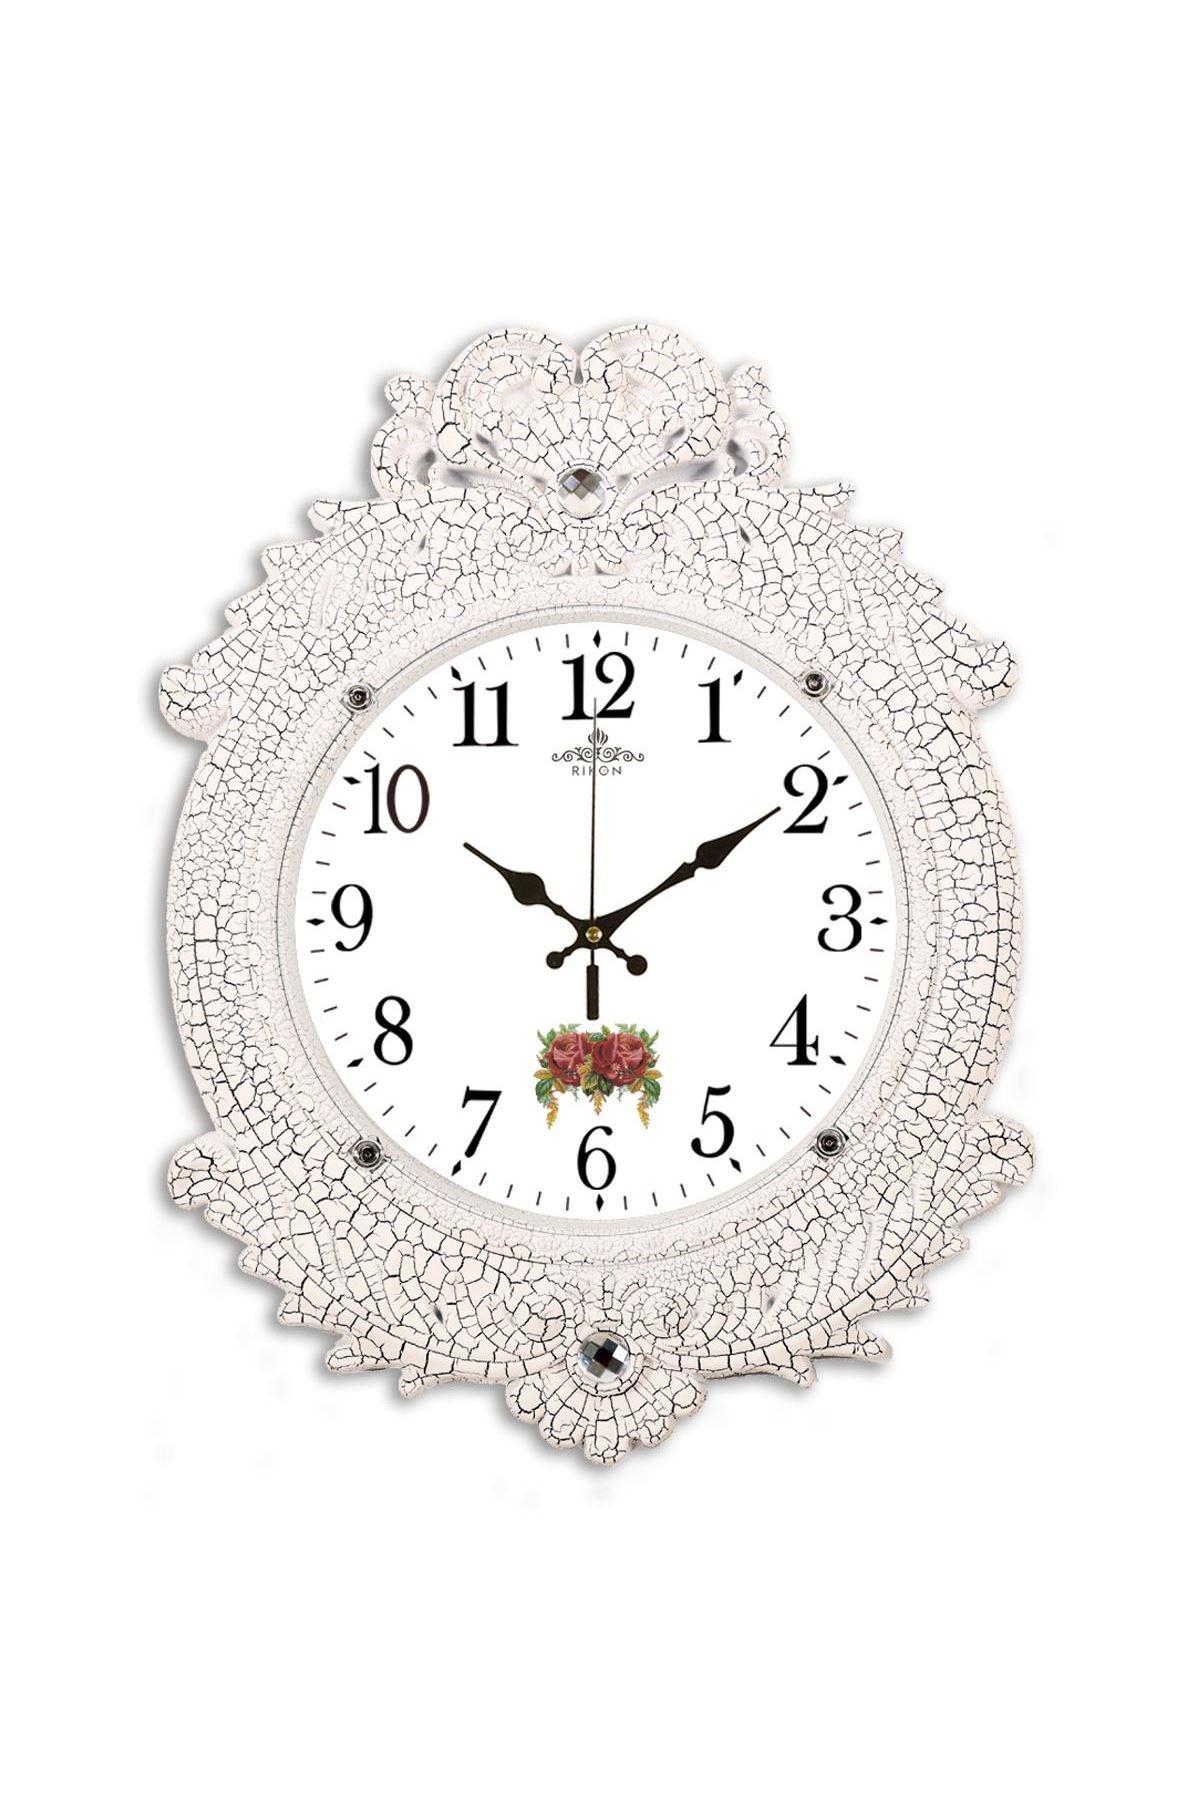 Rikon Deluxe Dekoratif Kırmızı Gül Duvar Saati 48X36 Cm